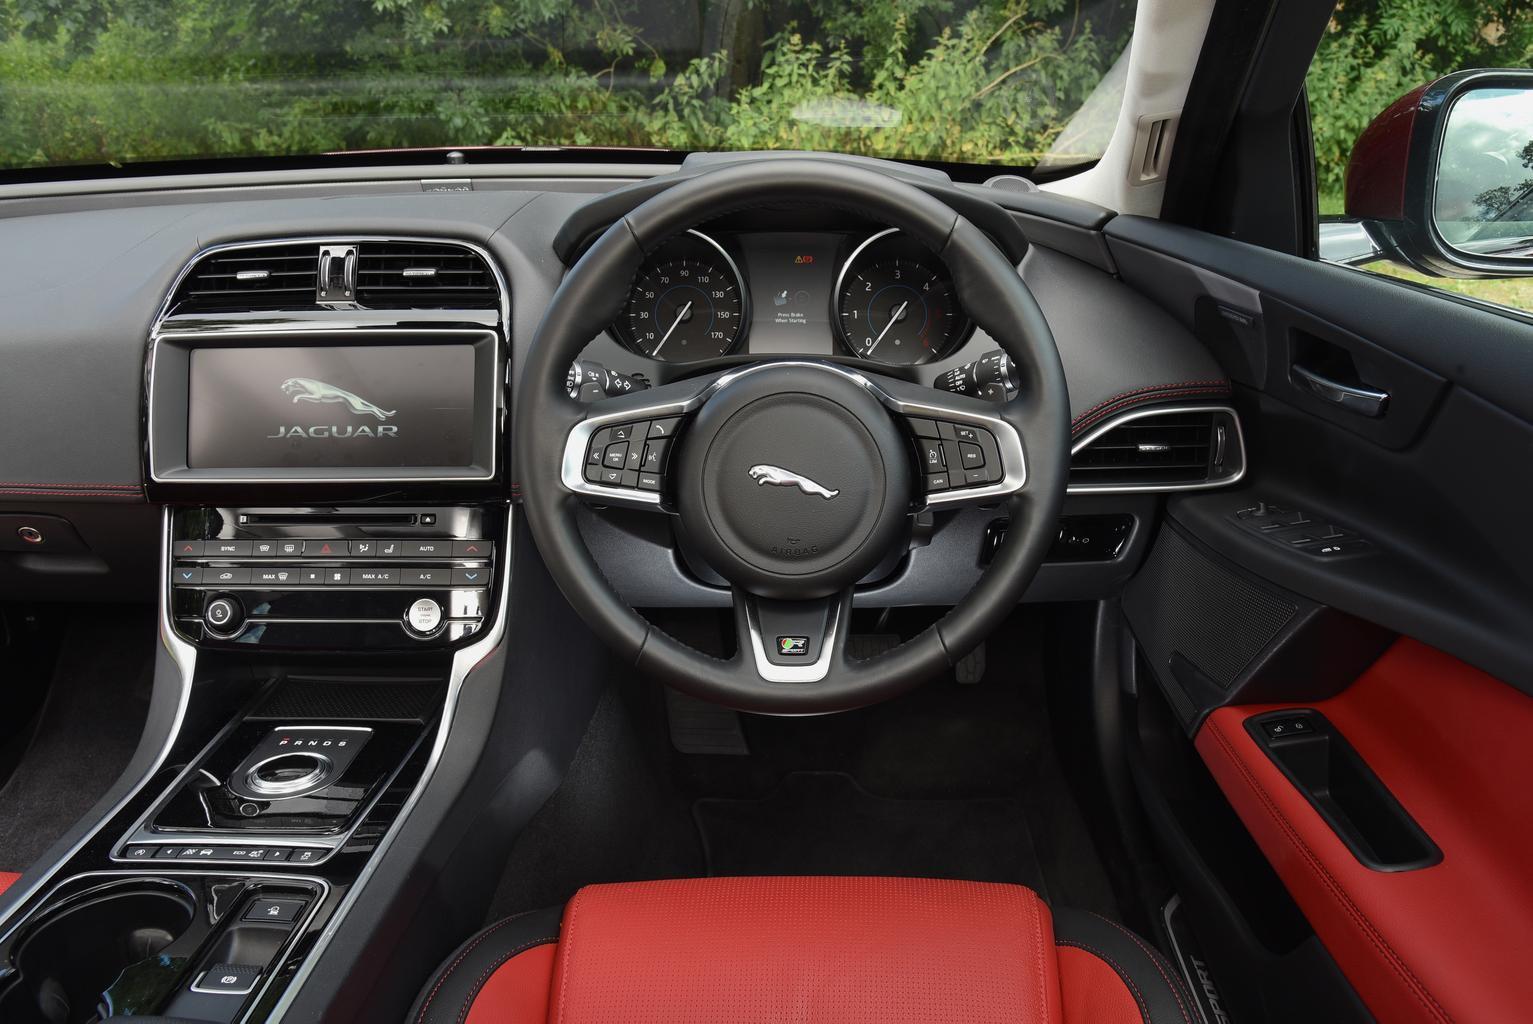 2016 Jaguar XE 2.0d 180 AWD R Sport review